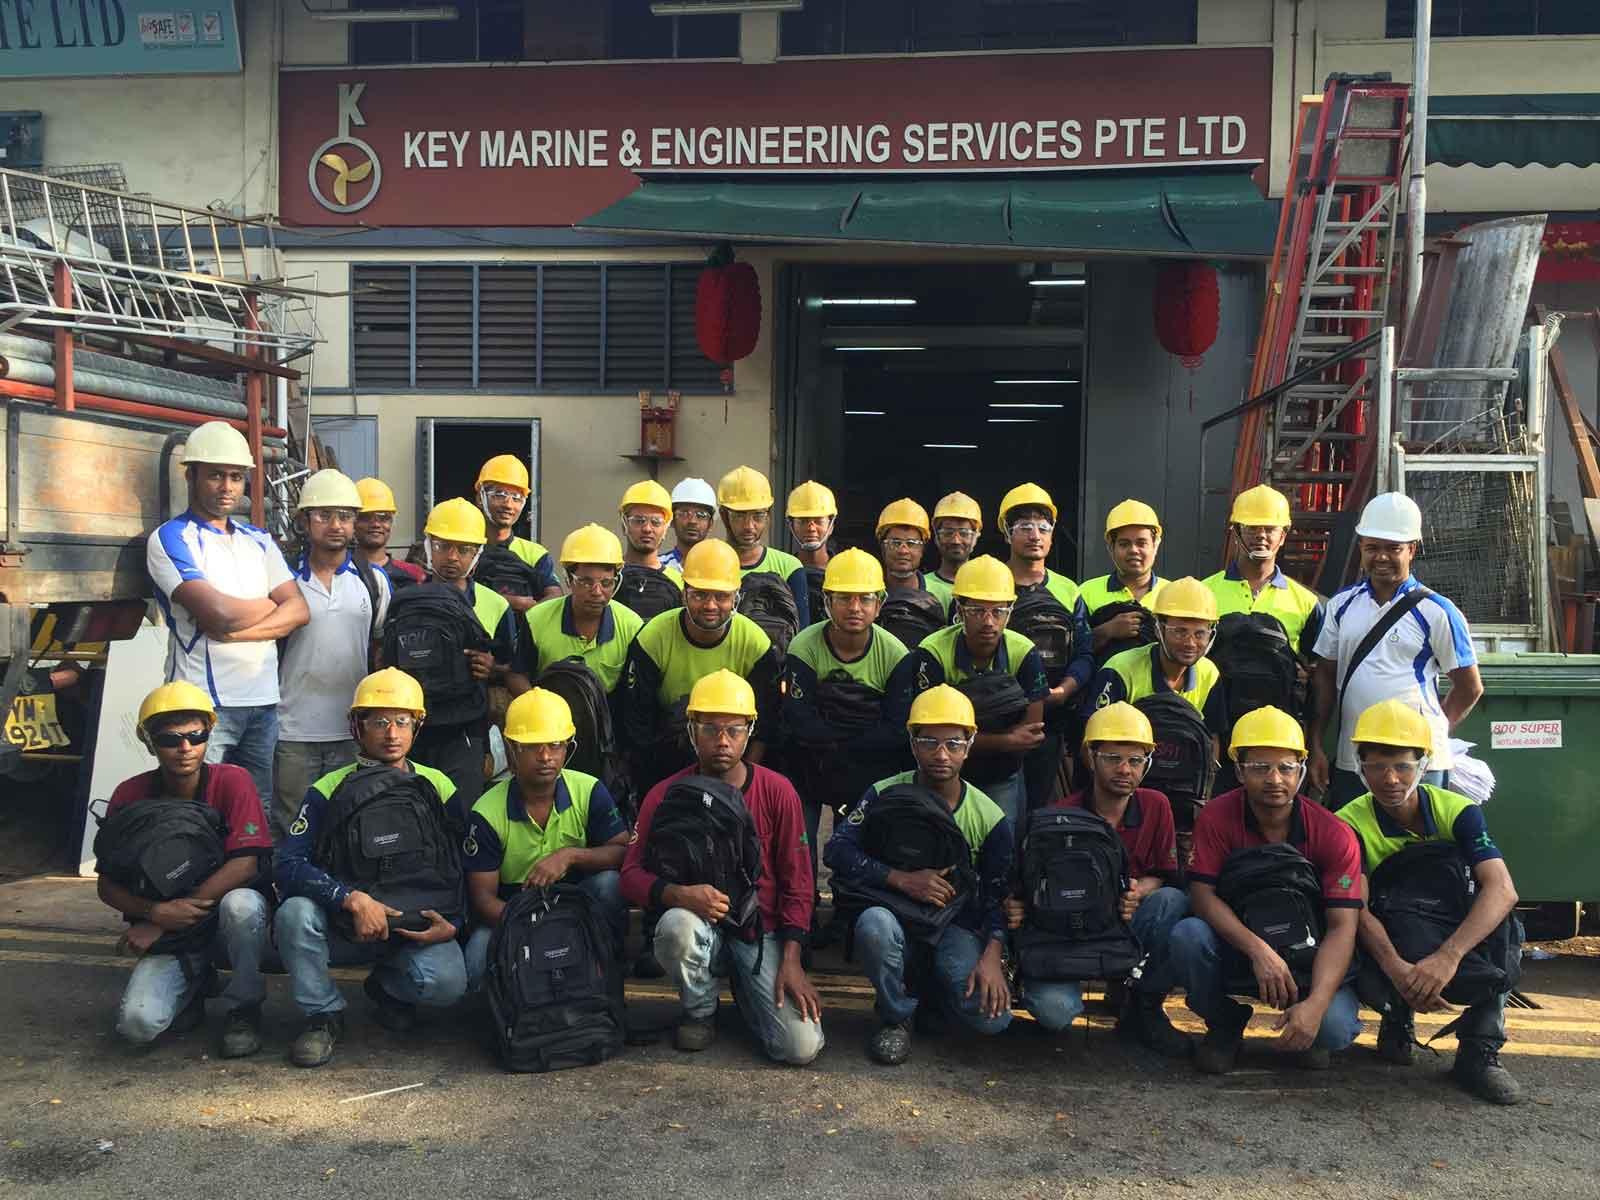 Key Marine team